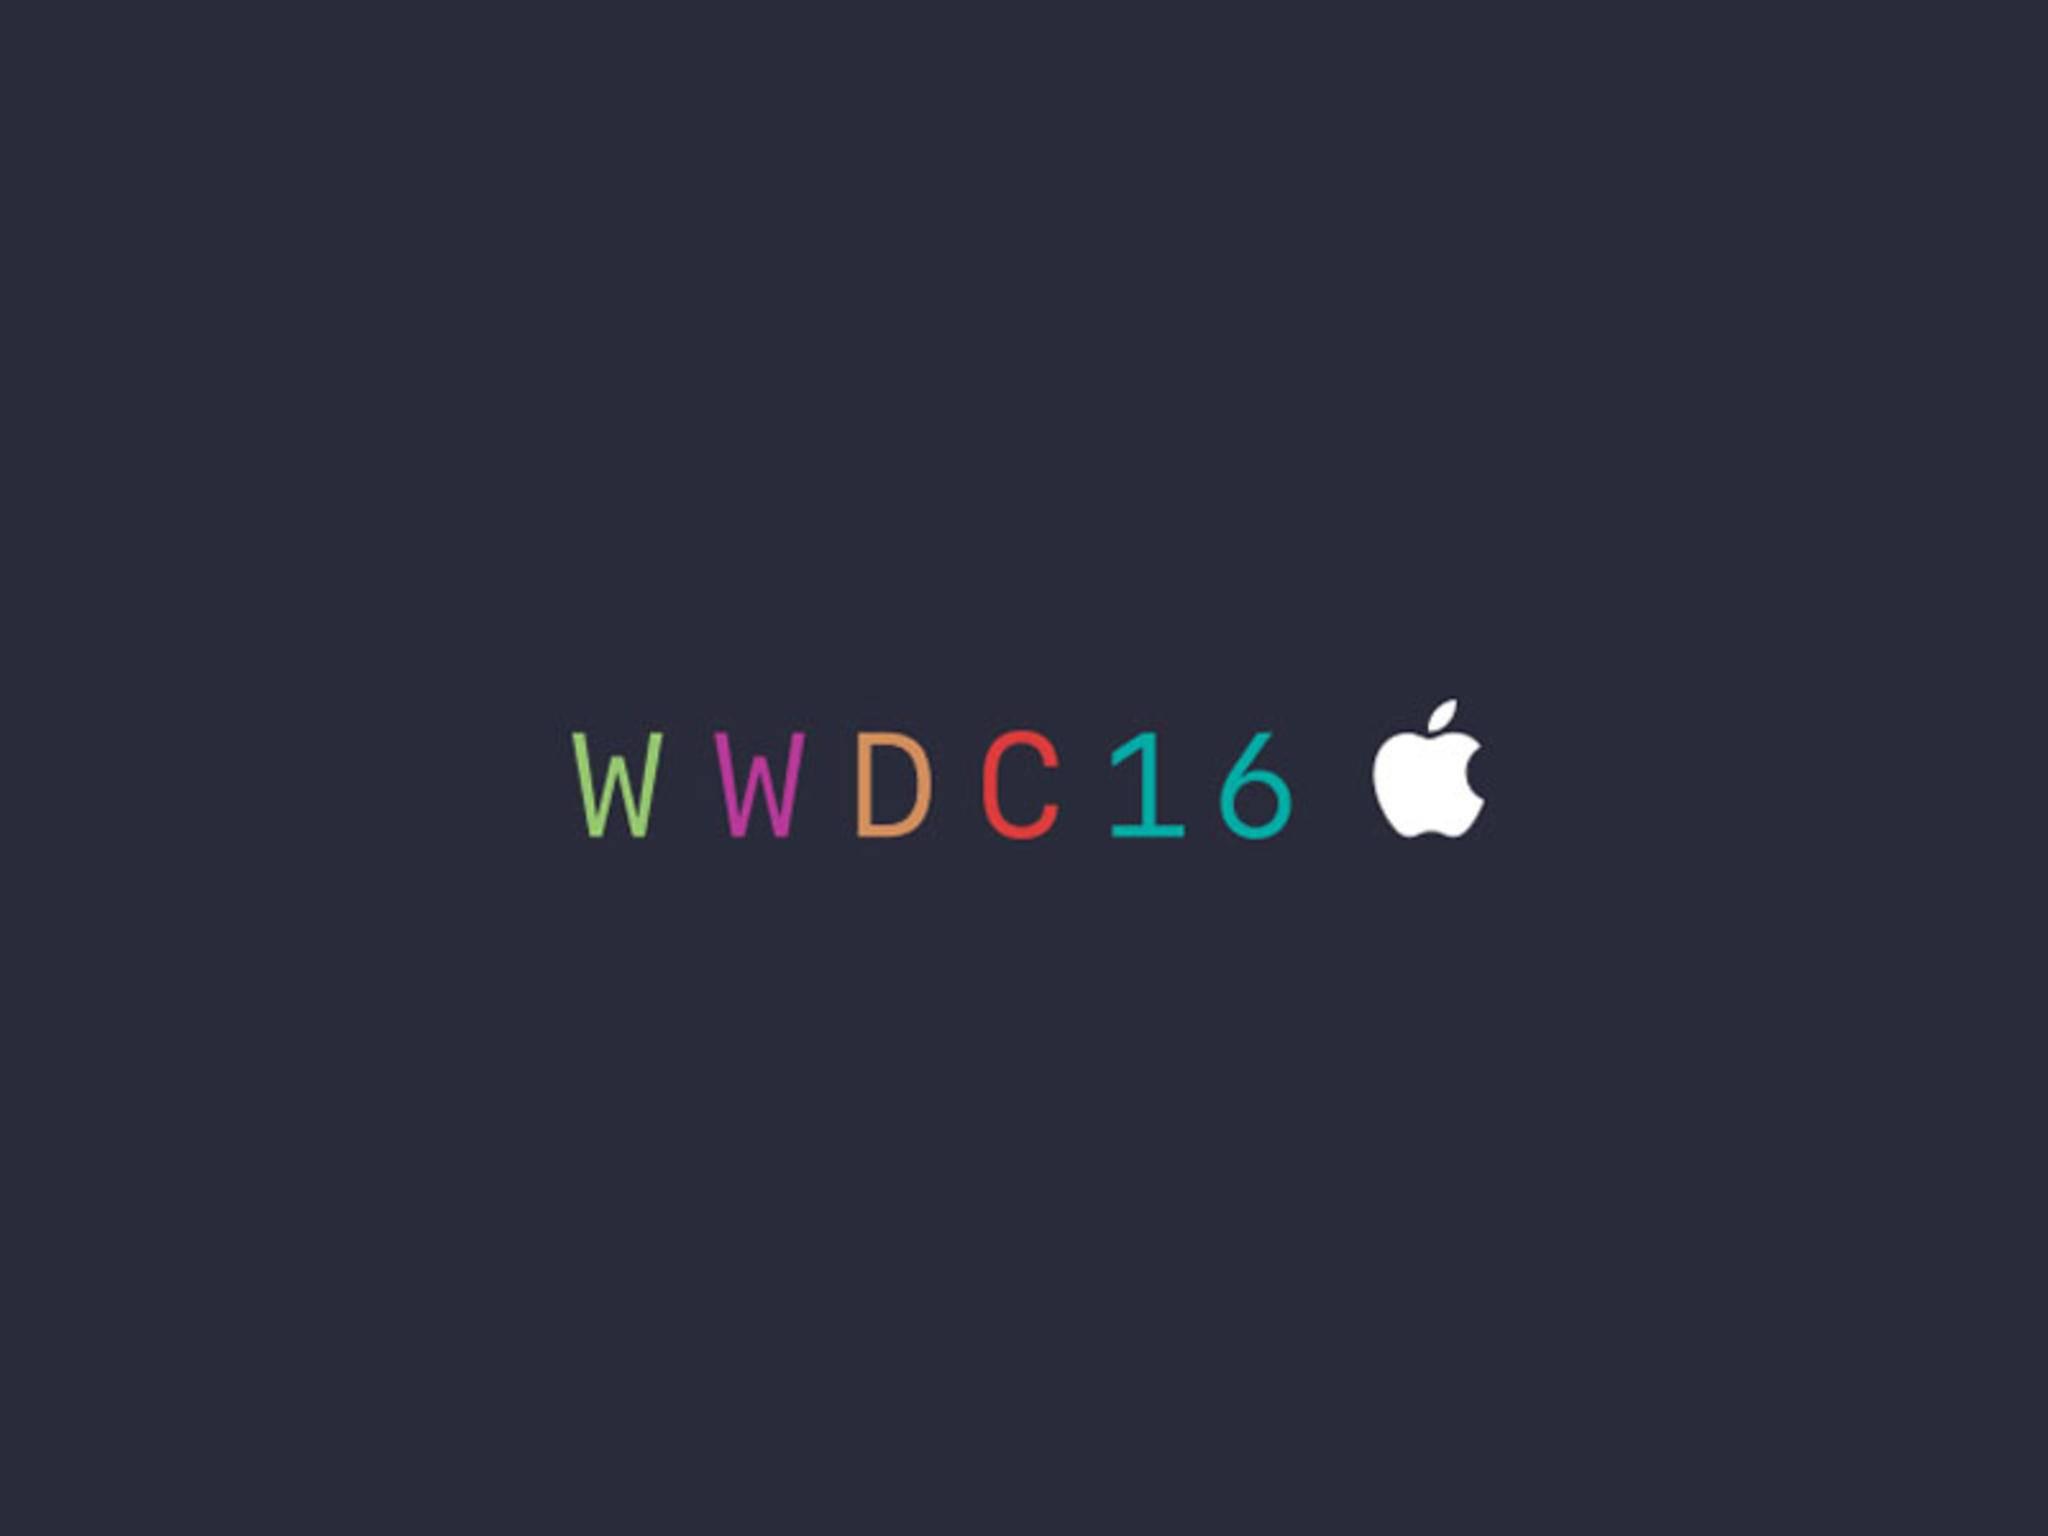 Die WWDC 16 wird ganz im Zeichen von iOS 10 stehen.